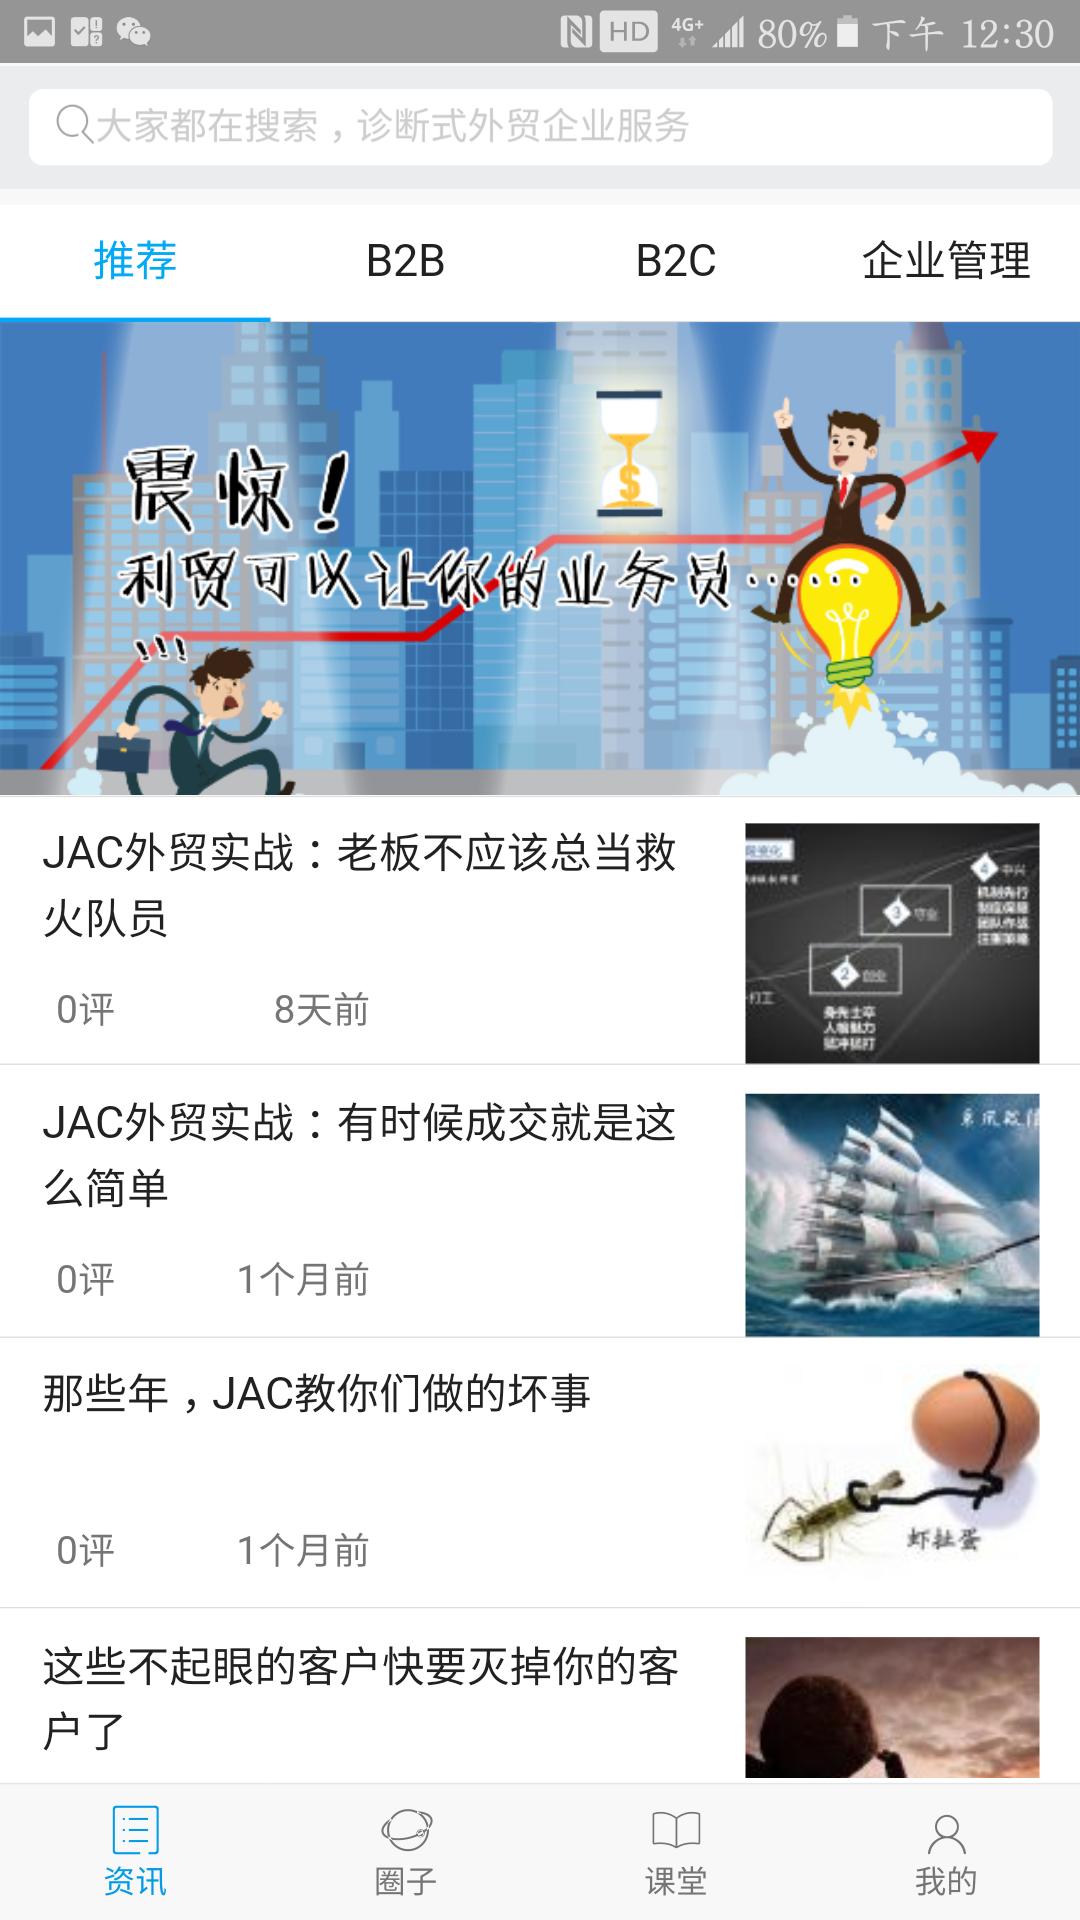 JAC外贸实战APP正式放出